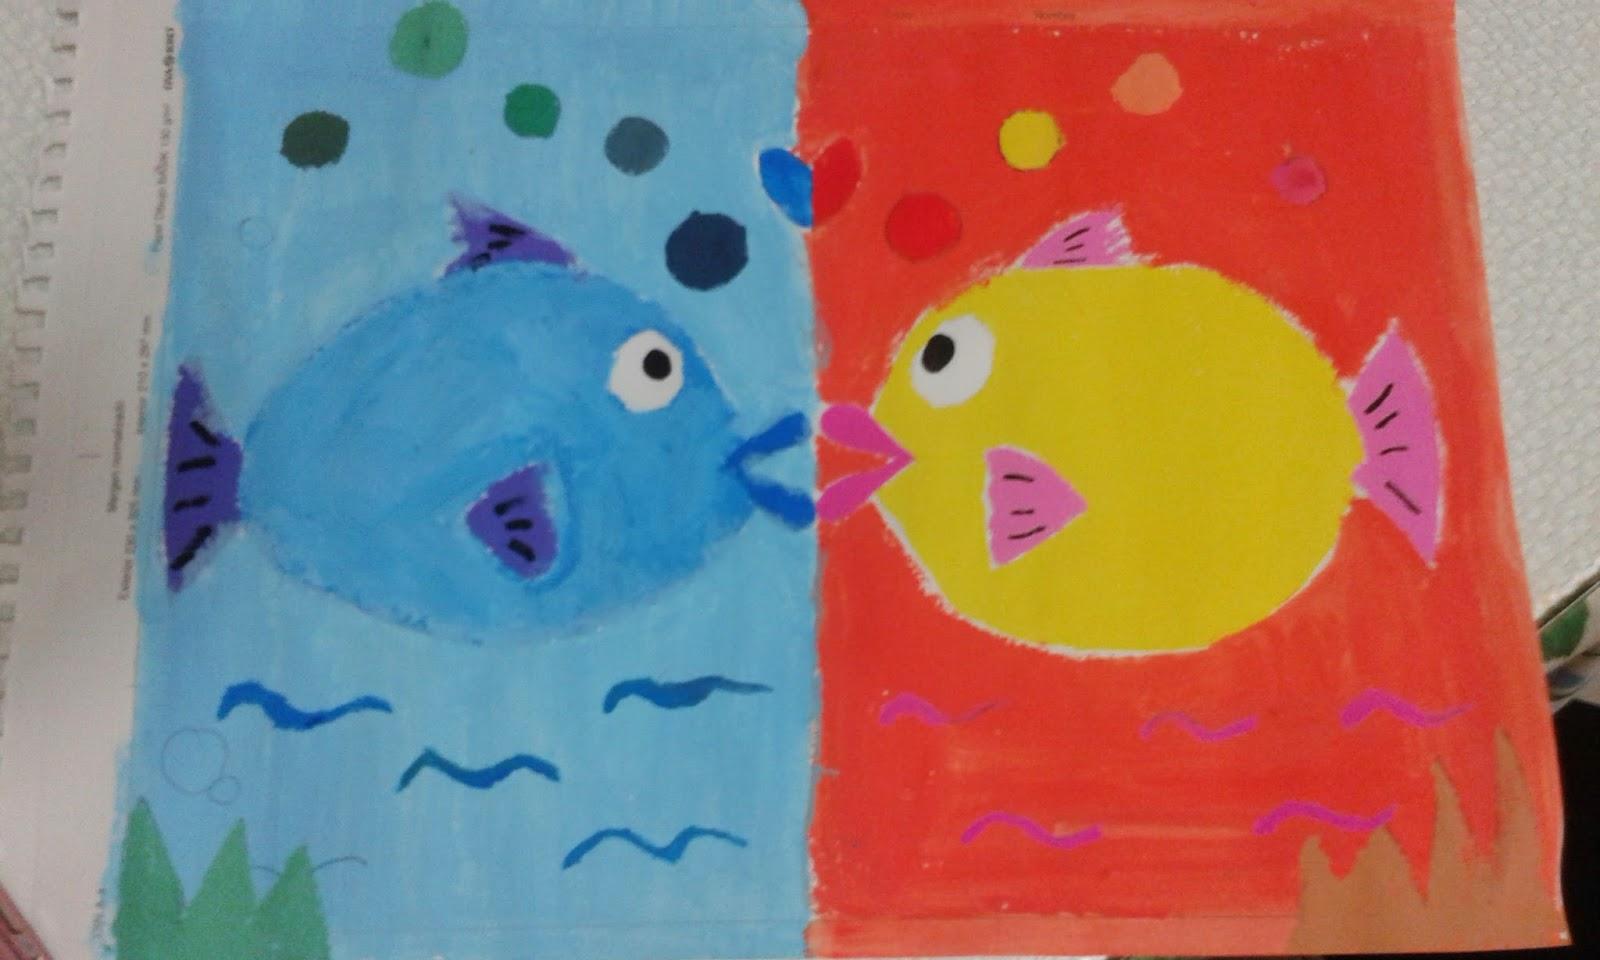 El arte de crear sonrisas colores c lidos y fr os - Cuadros con colores calidos ...